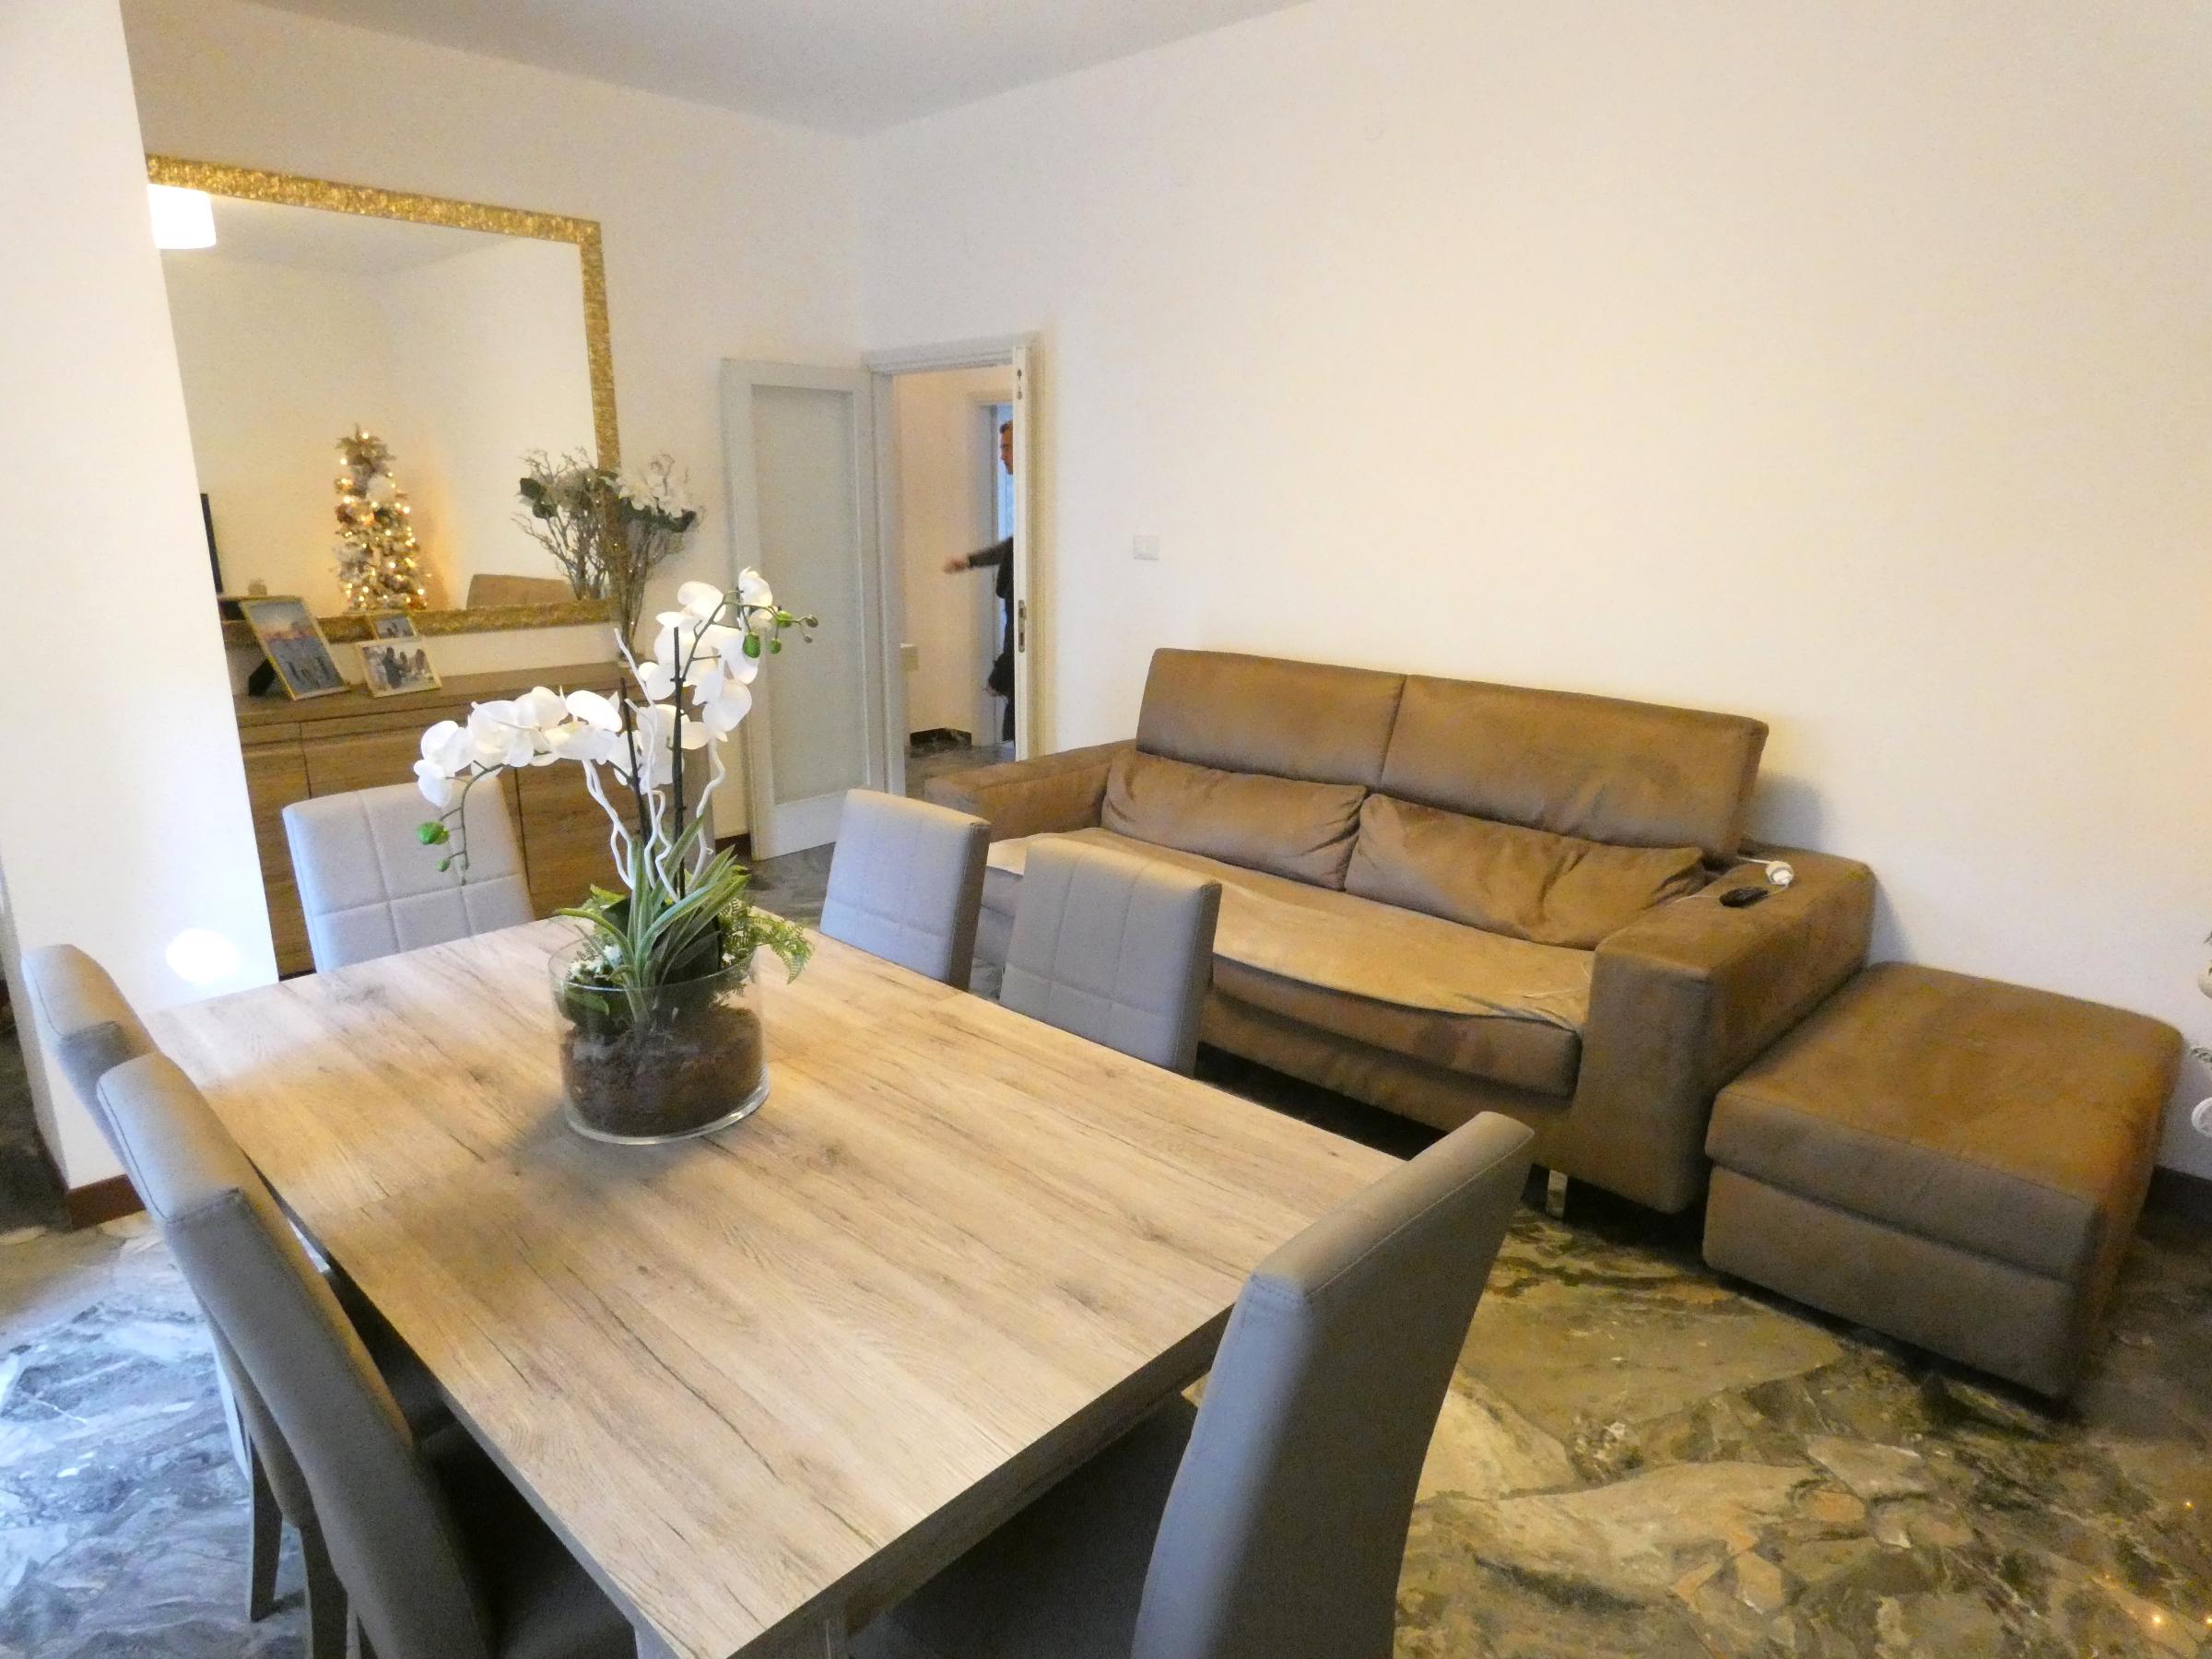 RICCIONE ALBA, Appartamento di ampia metratura in vendita